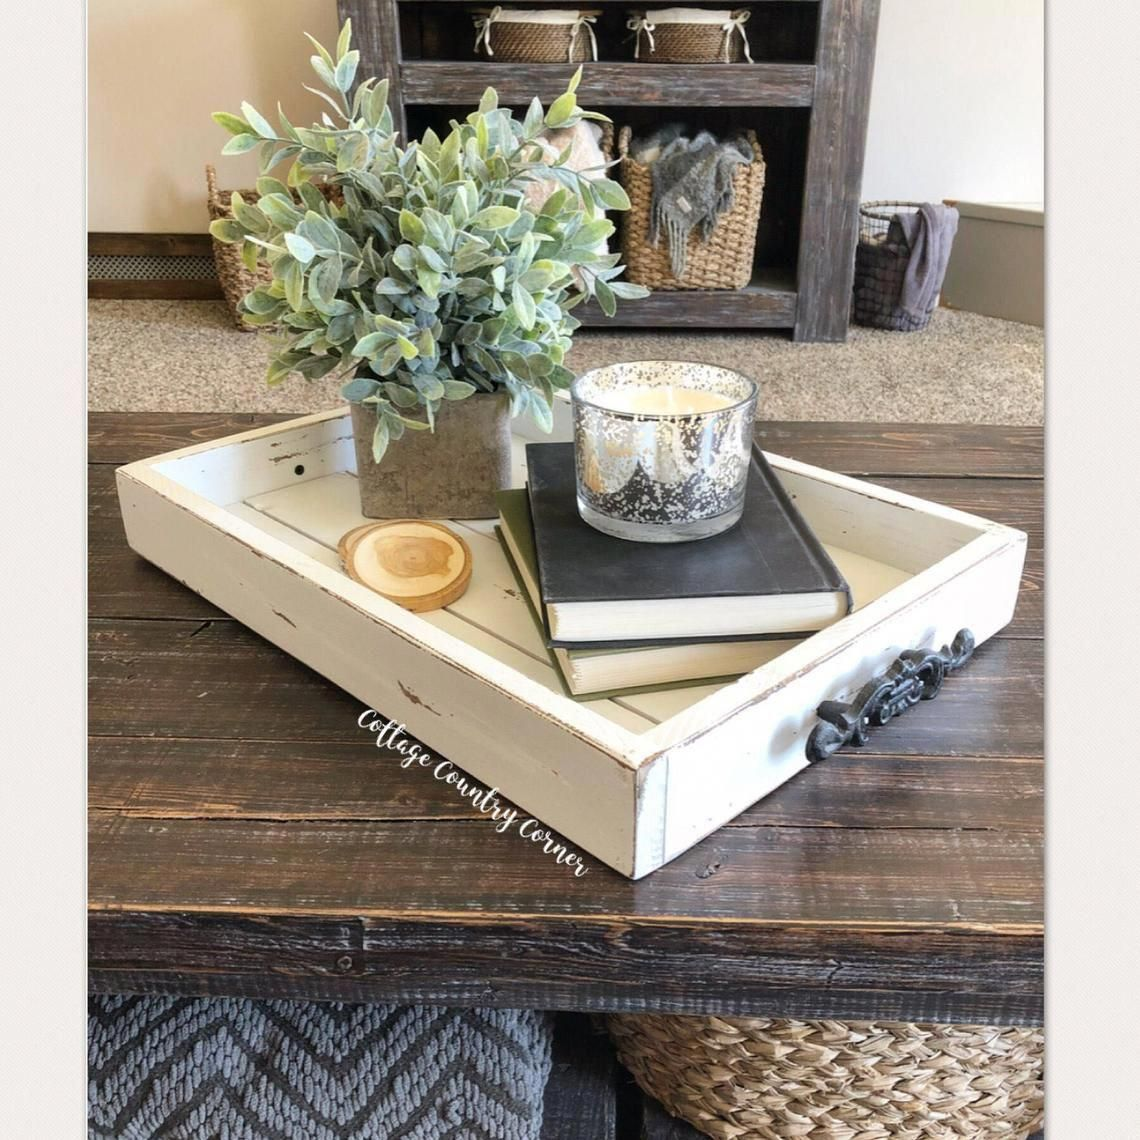 Muebles Collection Rey De Estar Sofas Dormitorios Comedor Al Aire Libr Coffee Table Decor Living Room Farmhouse Coffee Table Decor Coffee Table Decor Tray [ 1140 x 1140 Pixel ]